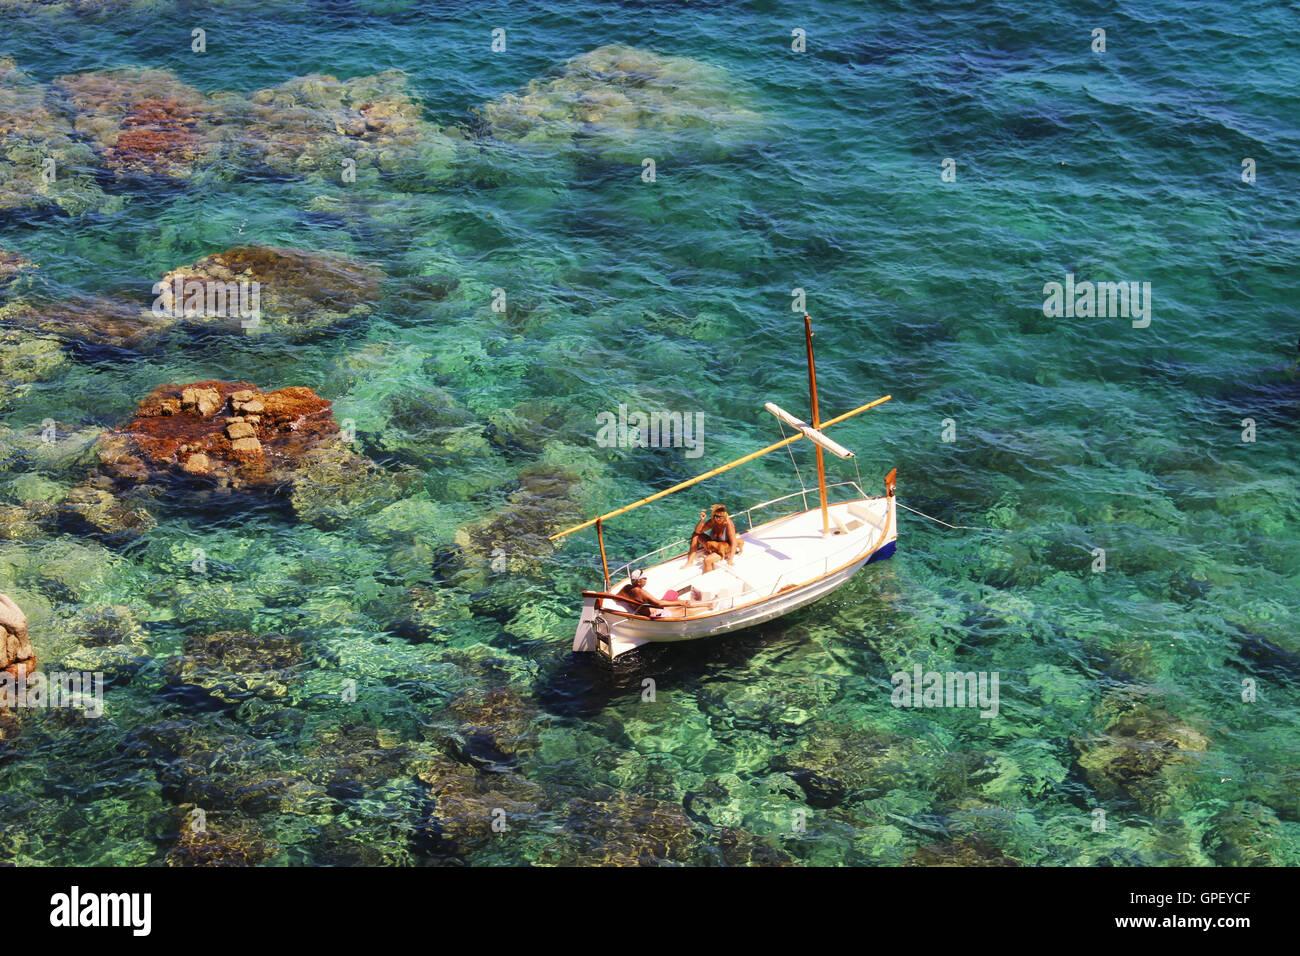 Girona, España - 14 de agosto, 2016: la gente tomando sol en un barco sobre el verde transparente mar Mediterráneo Imagen De Stock